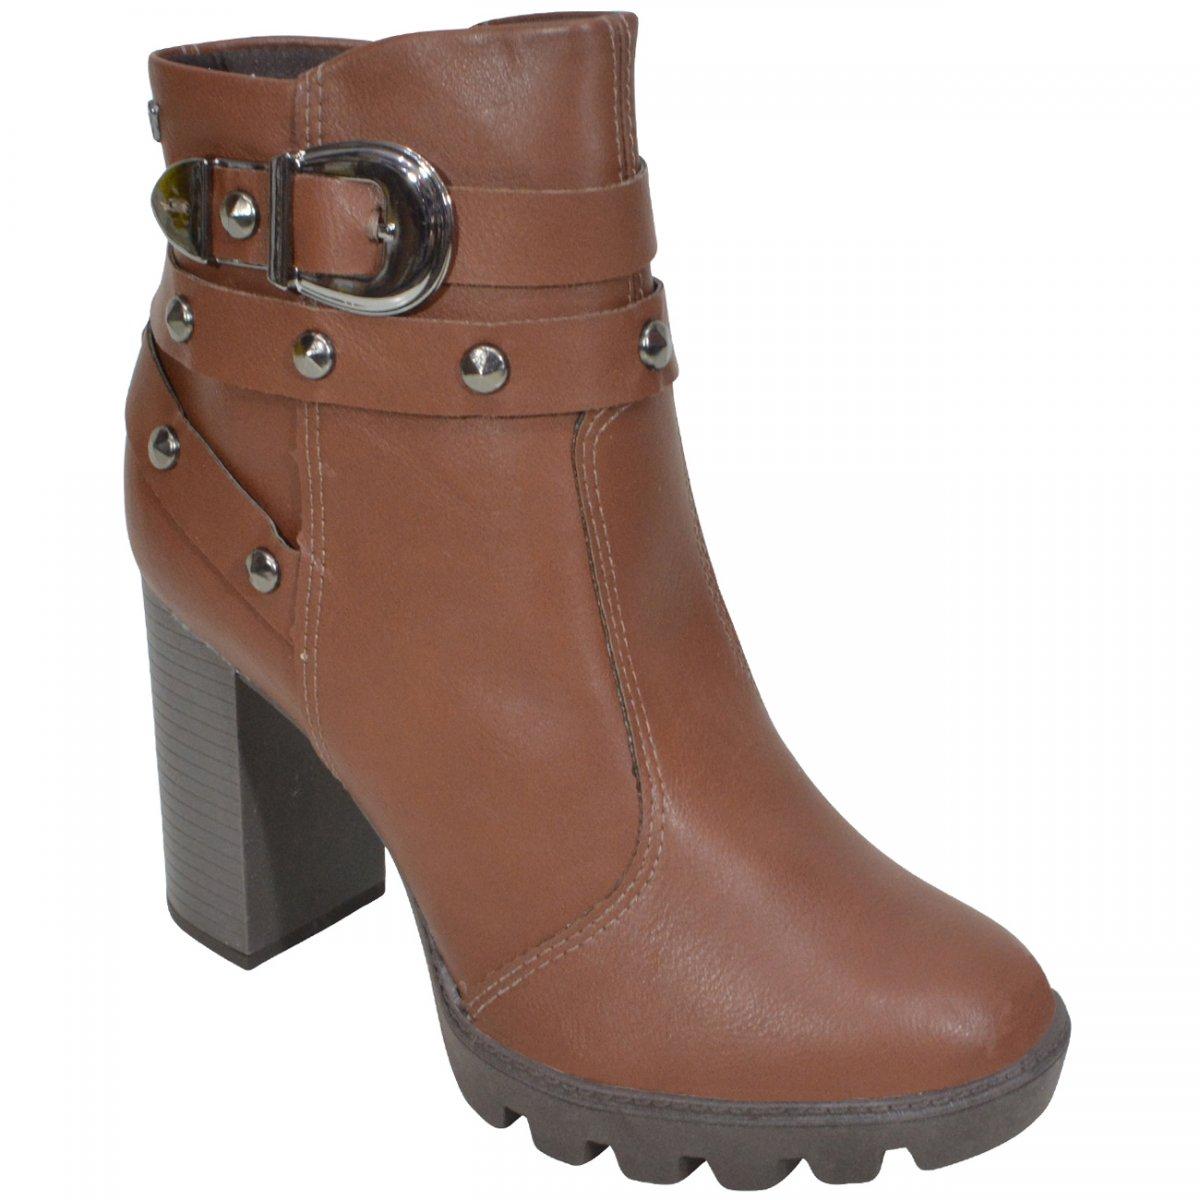 6022af3cd Bota Mississipi Q0142 Q0142 0003 - Castanho - Chuteira Nike, Adidas.  Sandalias Femininas. Sandy Calçados